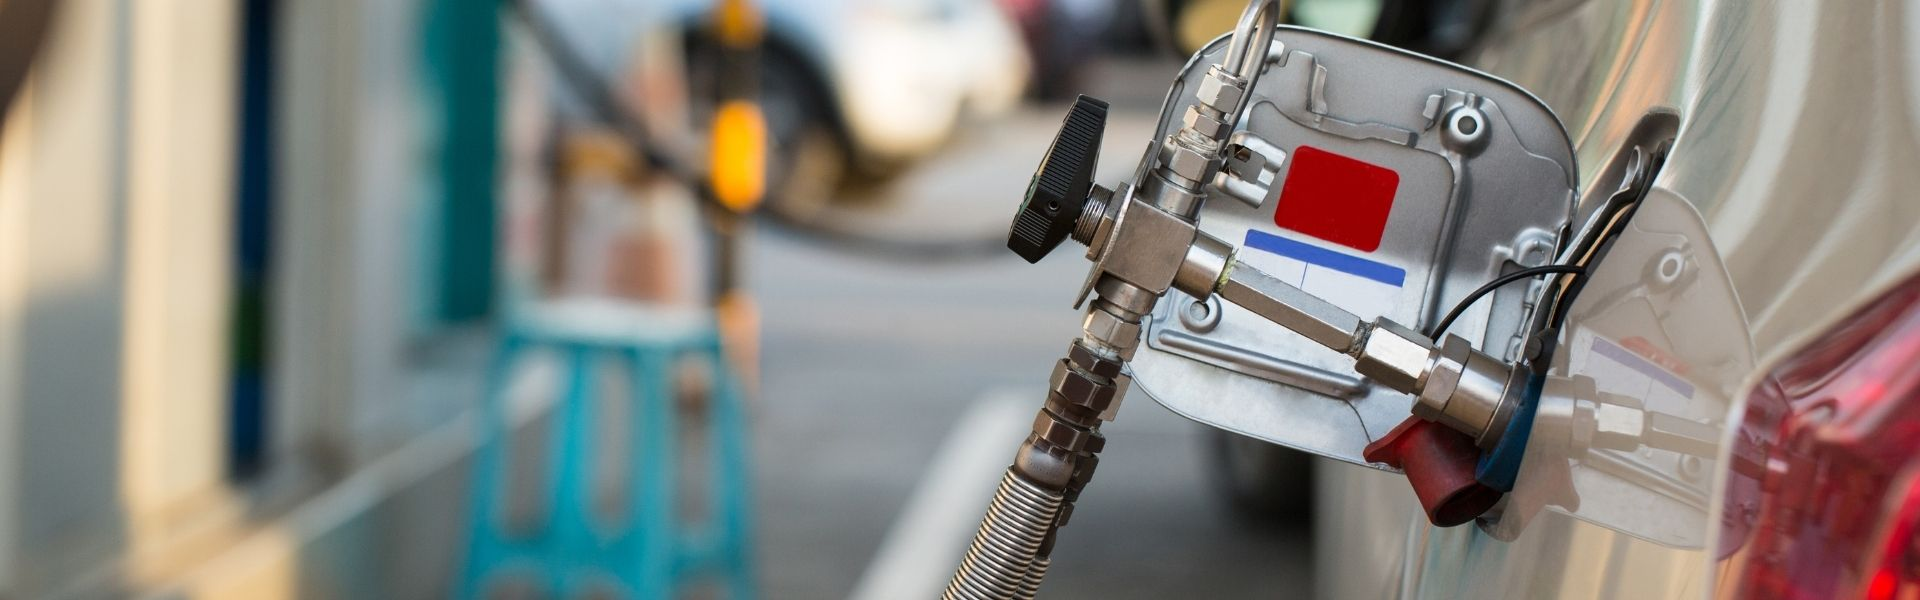 Infoveranstaltung: CNG und LNG als alternative Antriebe für Unternehmen